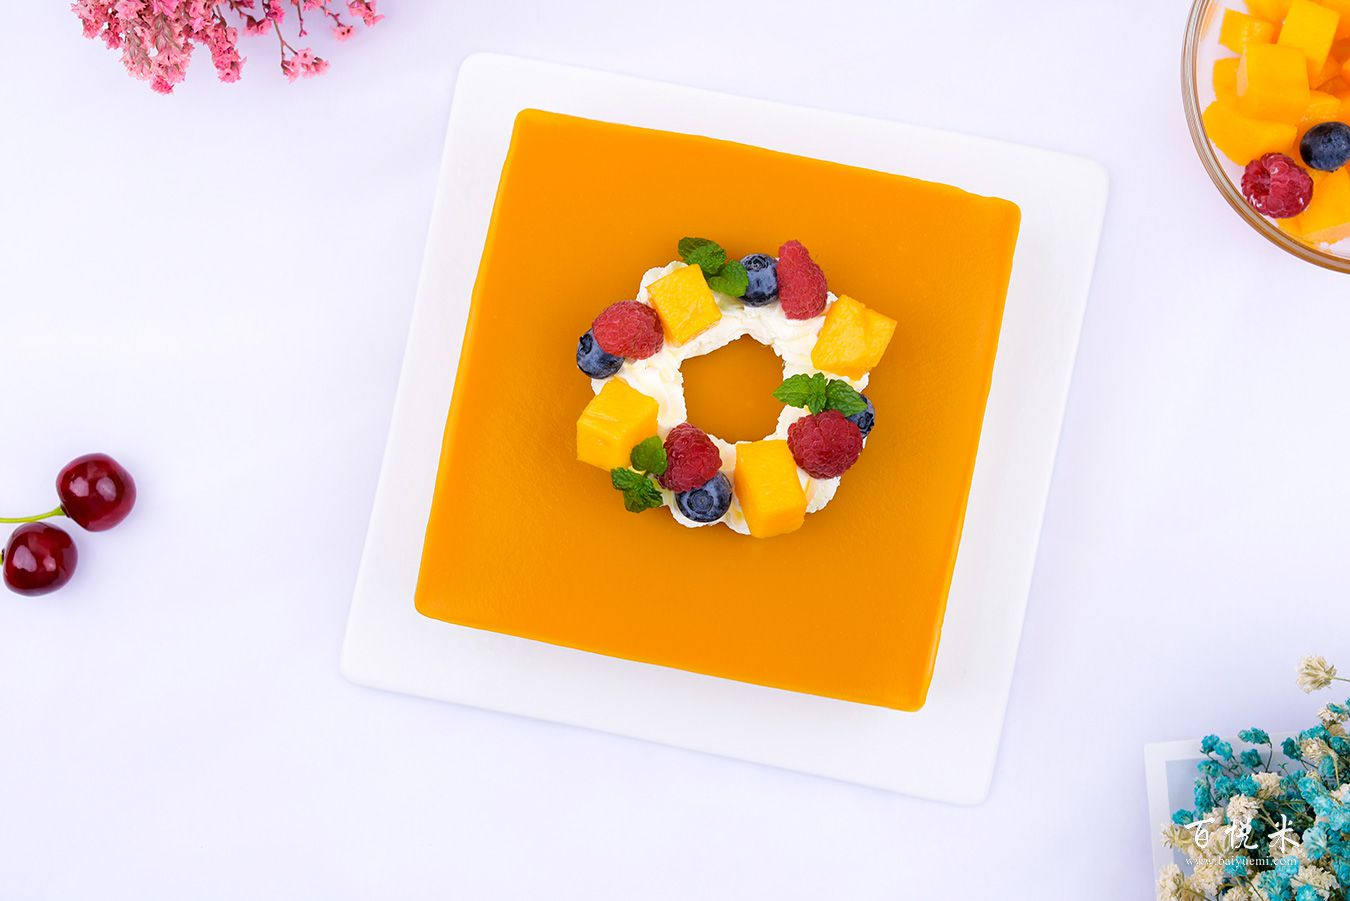 芒果慕斯蛋糕高清图片大全【蛋糕图片】_457